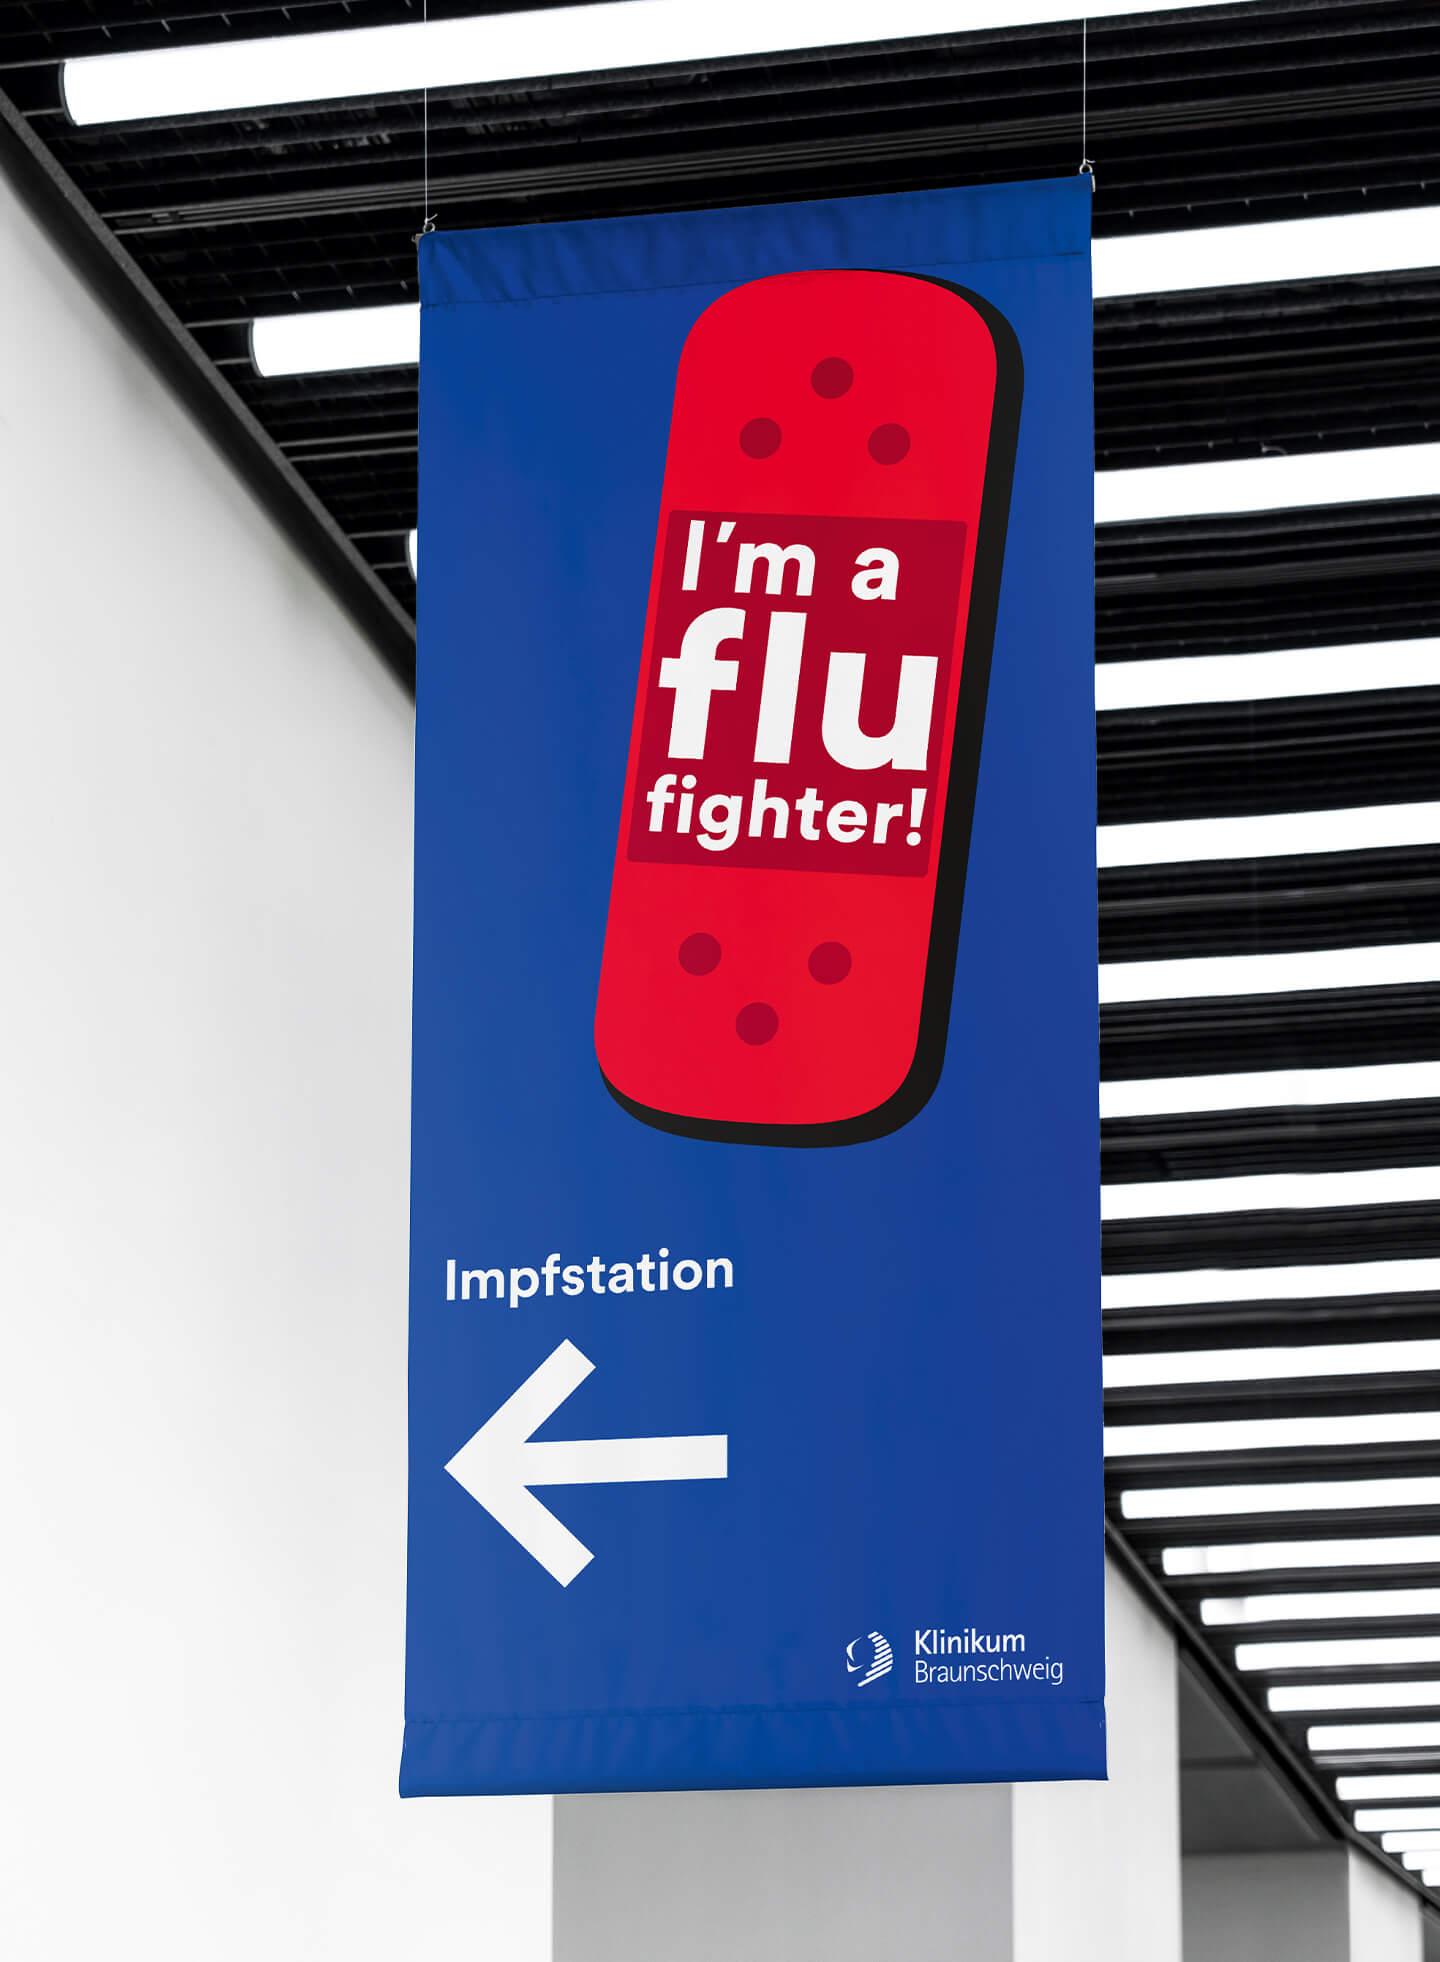 cyclos klinikum braunschweig kampagne flu fighter banner